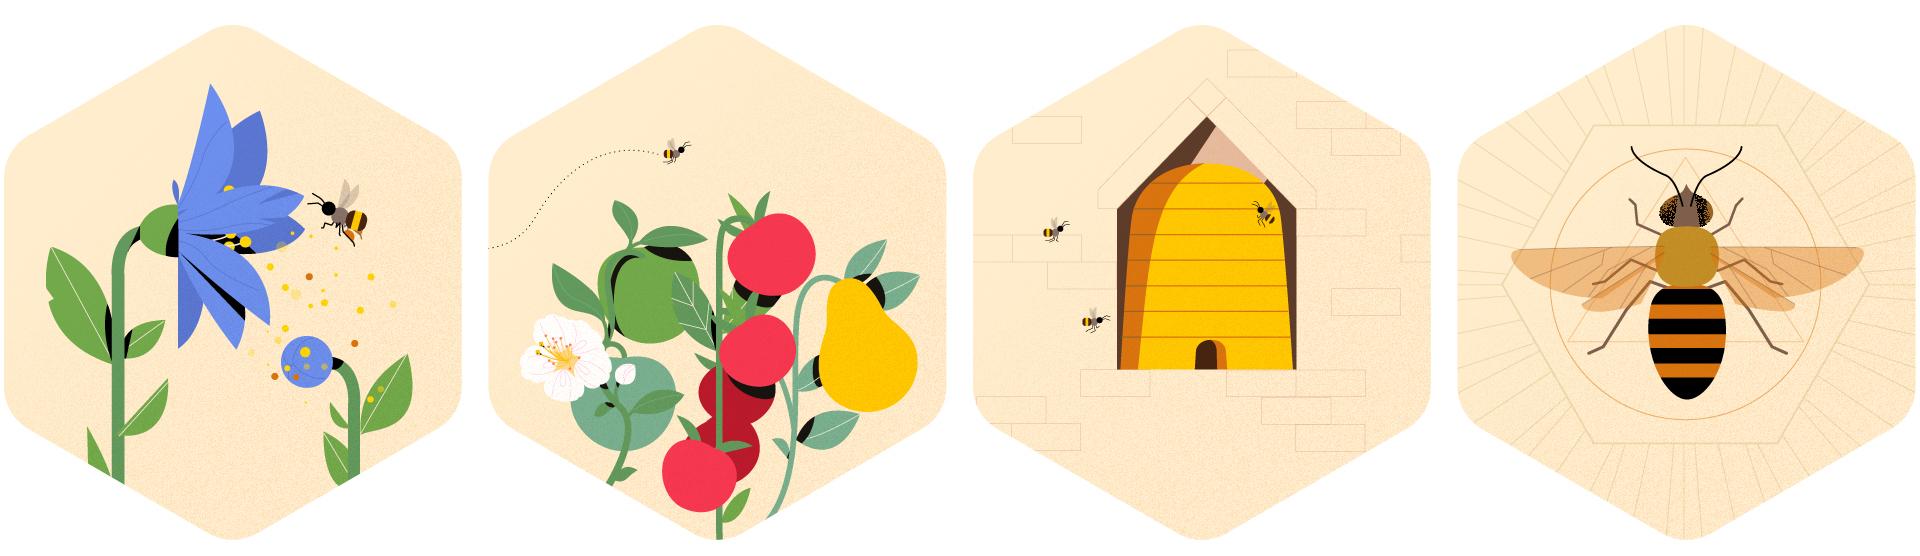 honingraden